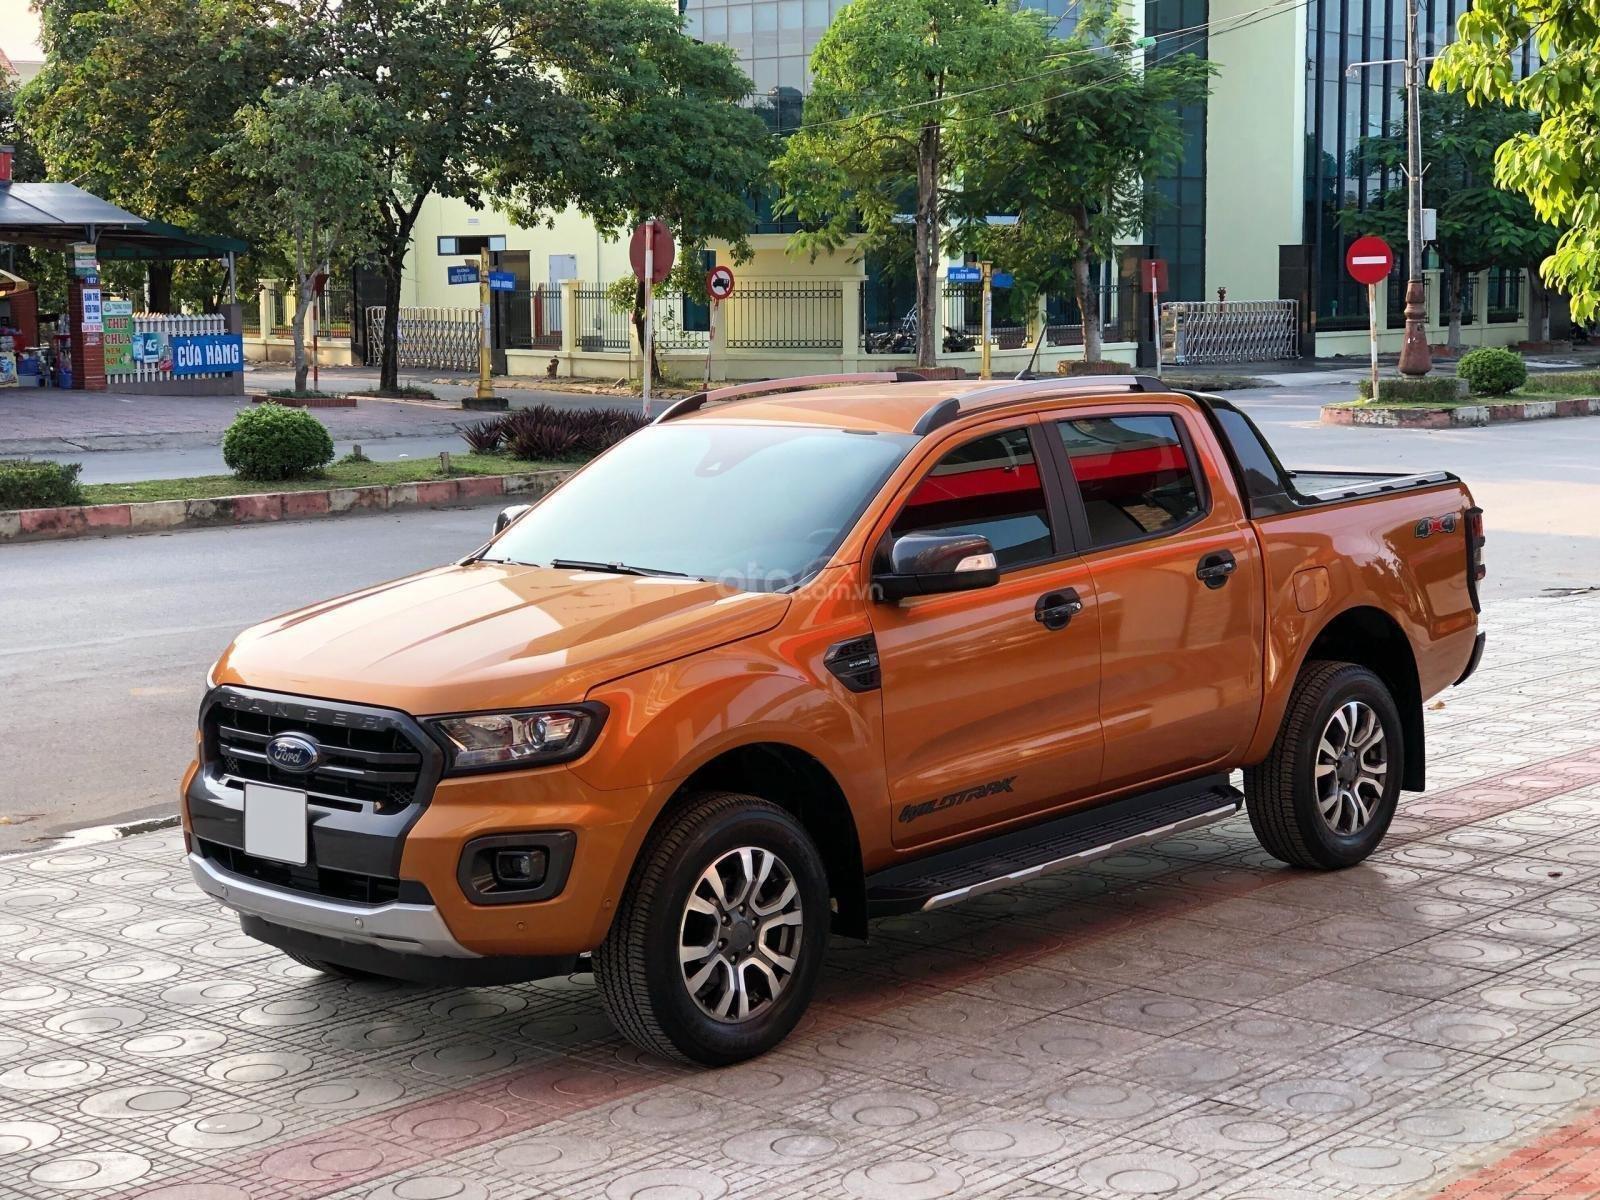 Phú Thọ tư vấn bán Ford Ranger 2019, chỉ từ từ 860tr nhận ngay Wildtrack biturbo. LH 0974286009 (1)